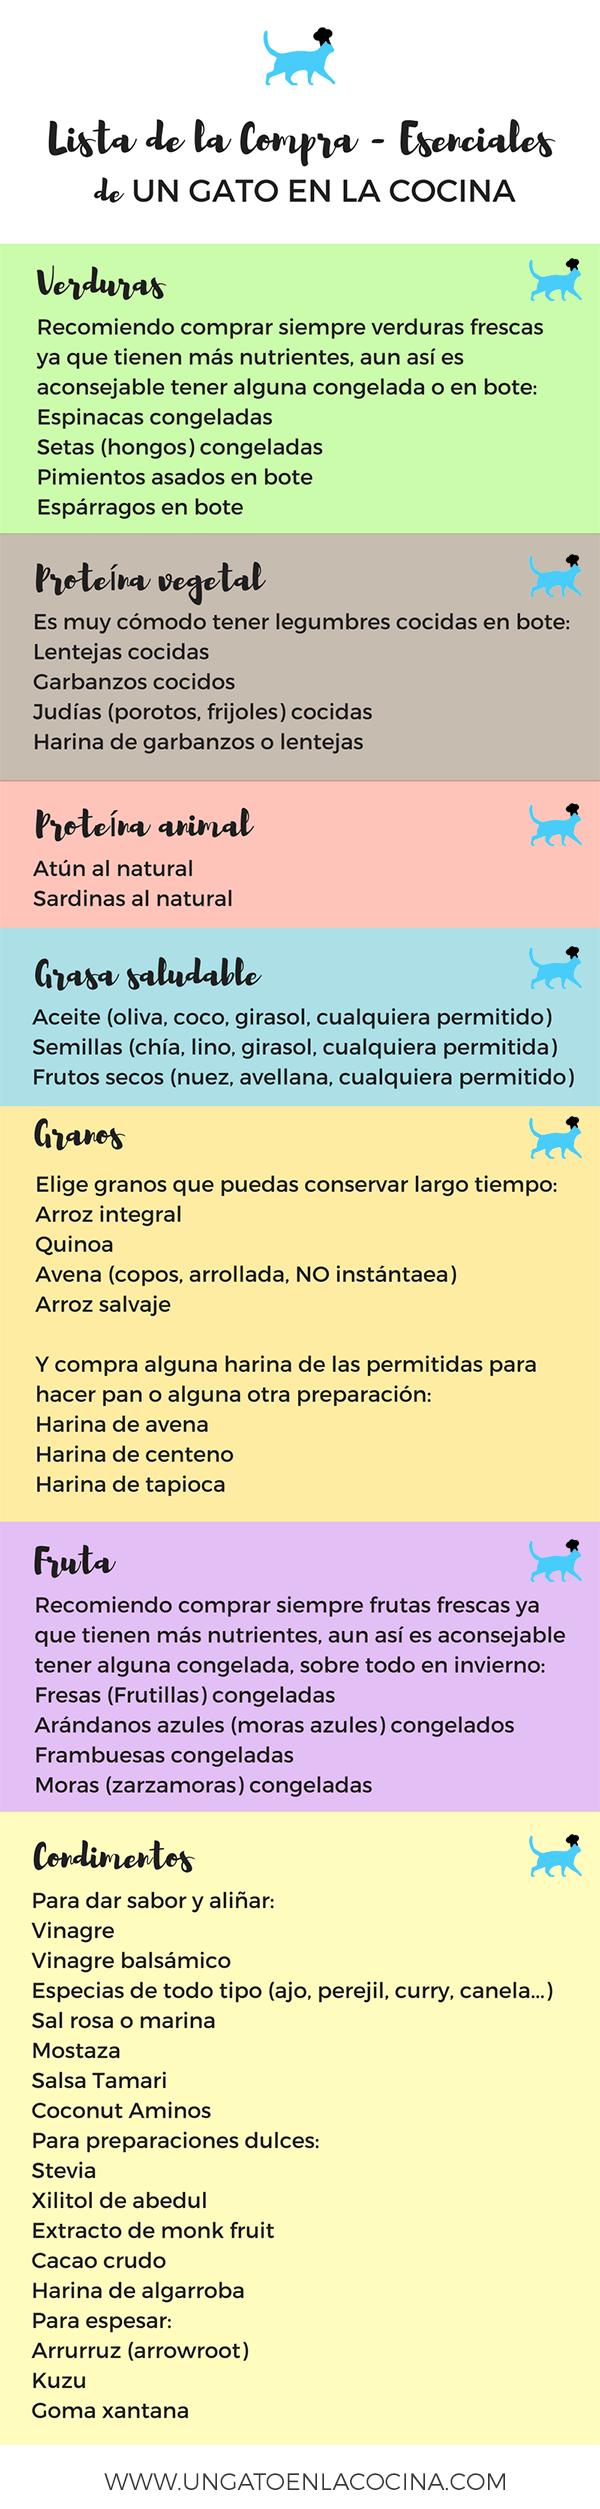 Dieta metabolismo acelerado recetas espana